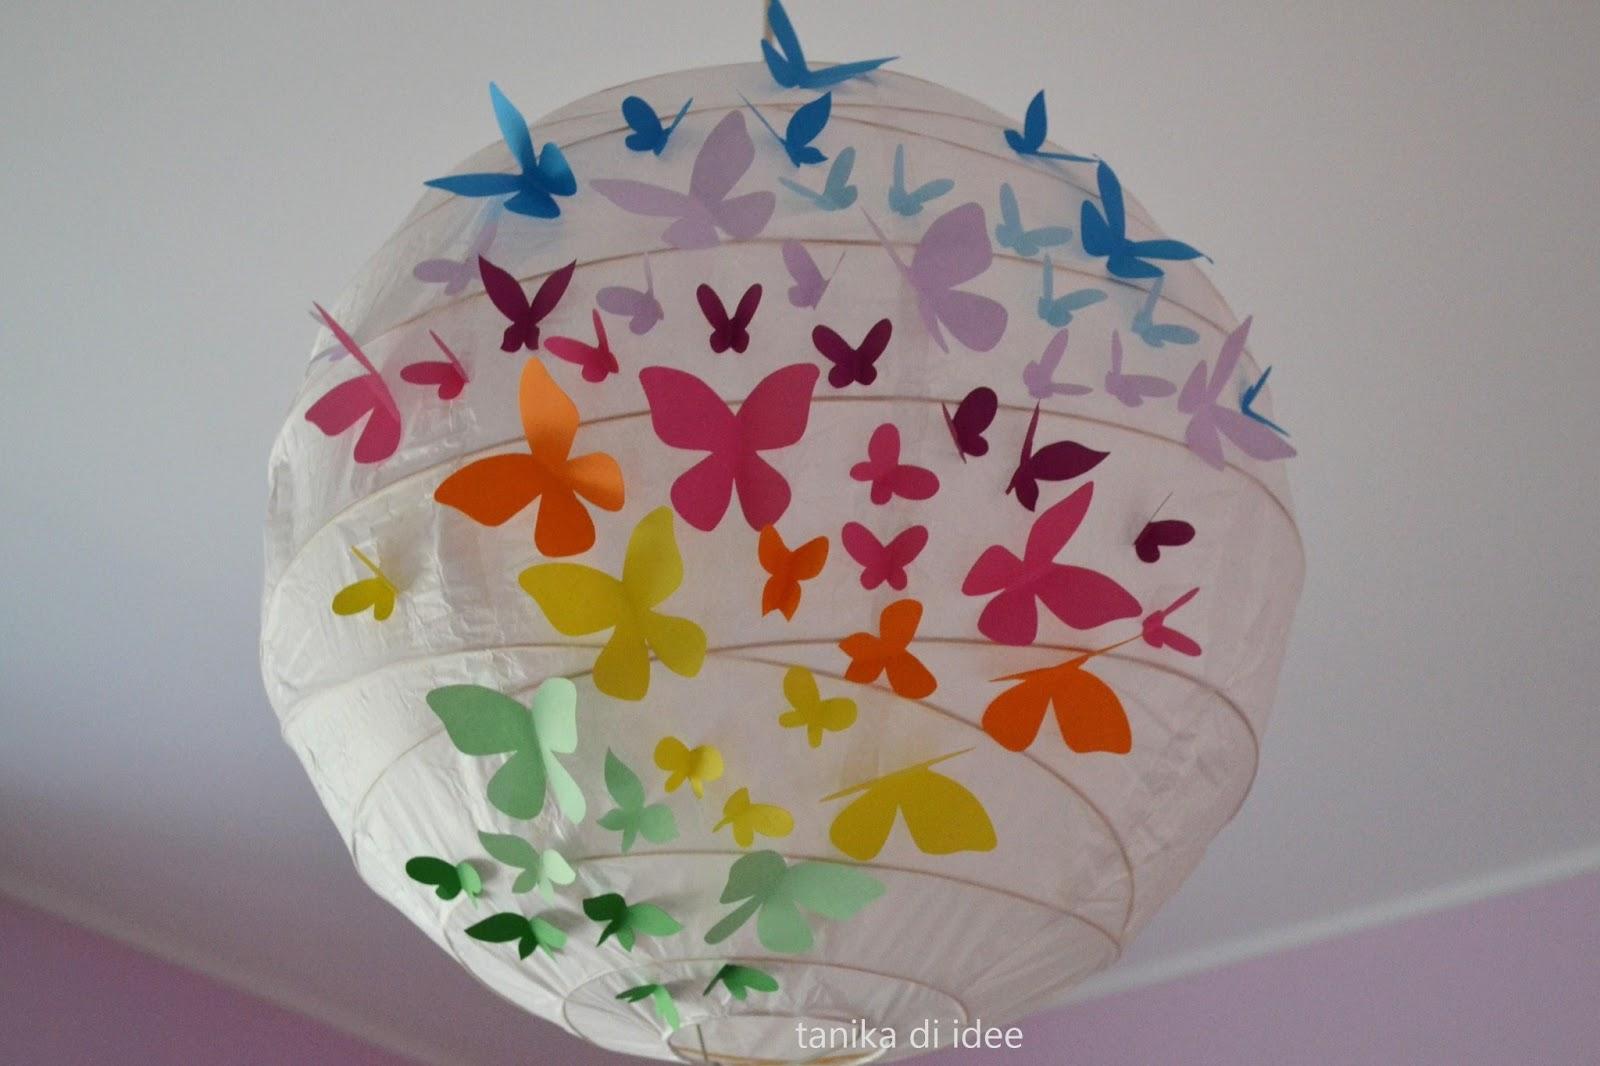 lampadario carta : Tanika di Idee: Come decorare un lampadario di carta...